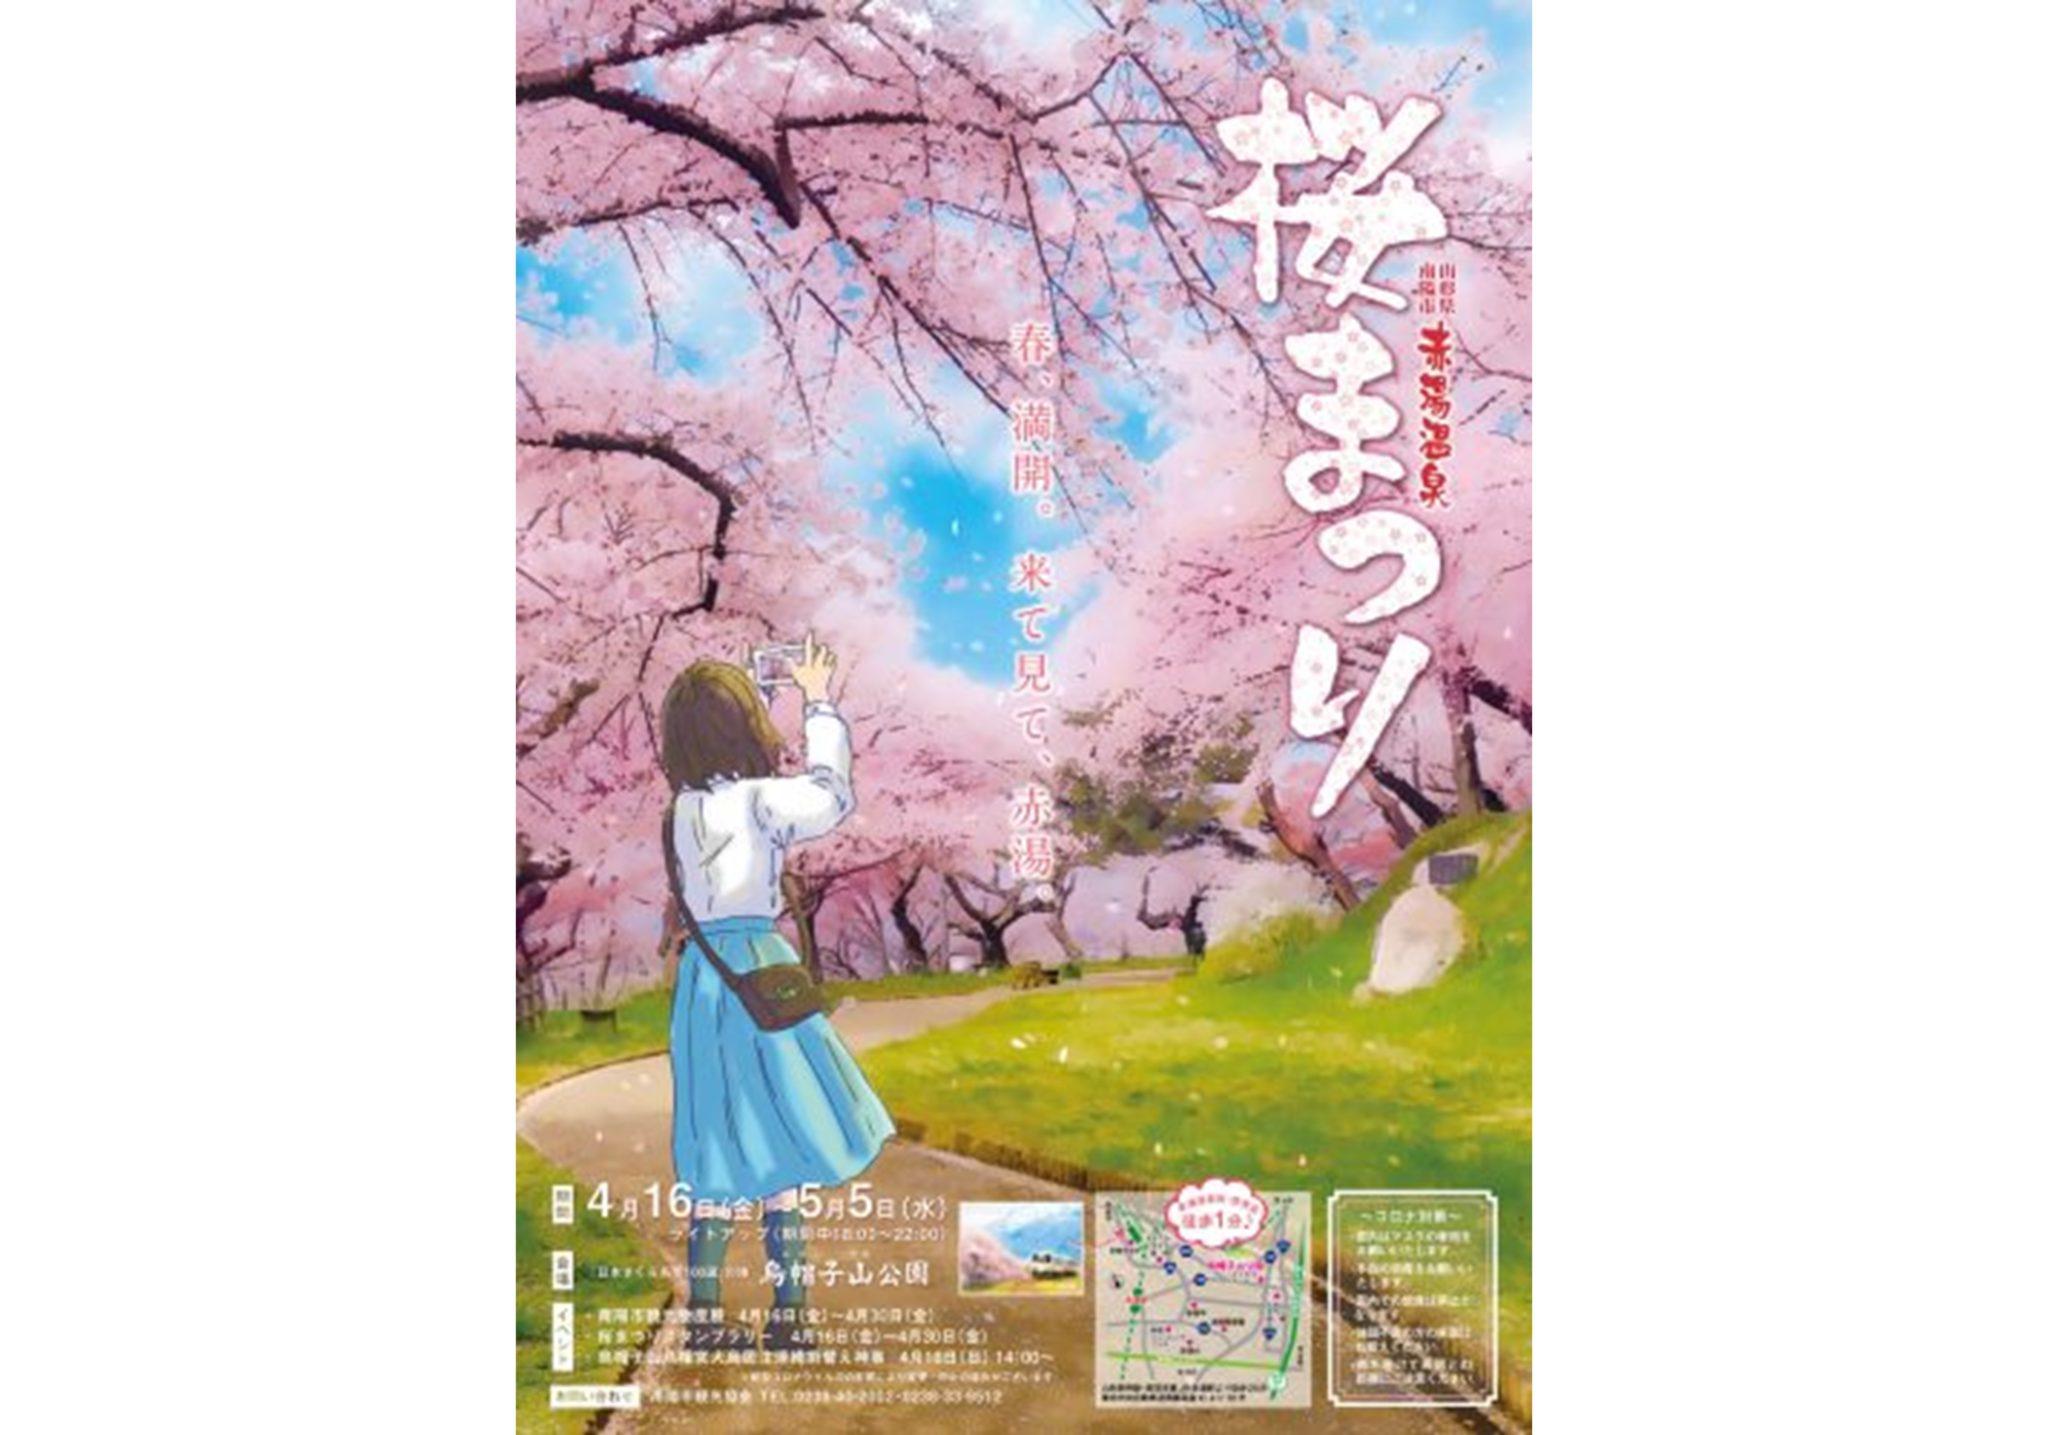 赤湯温泉 桜まつり